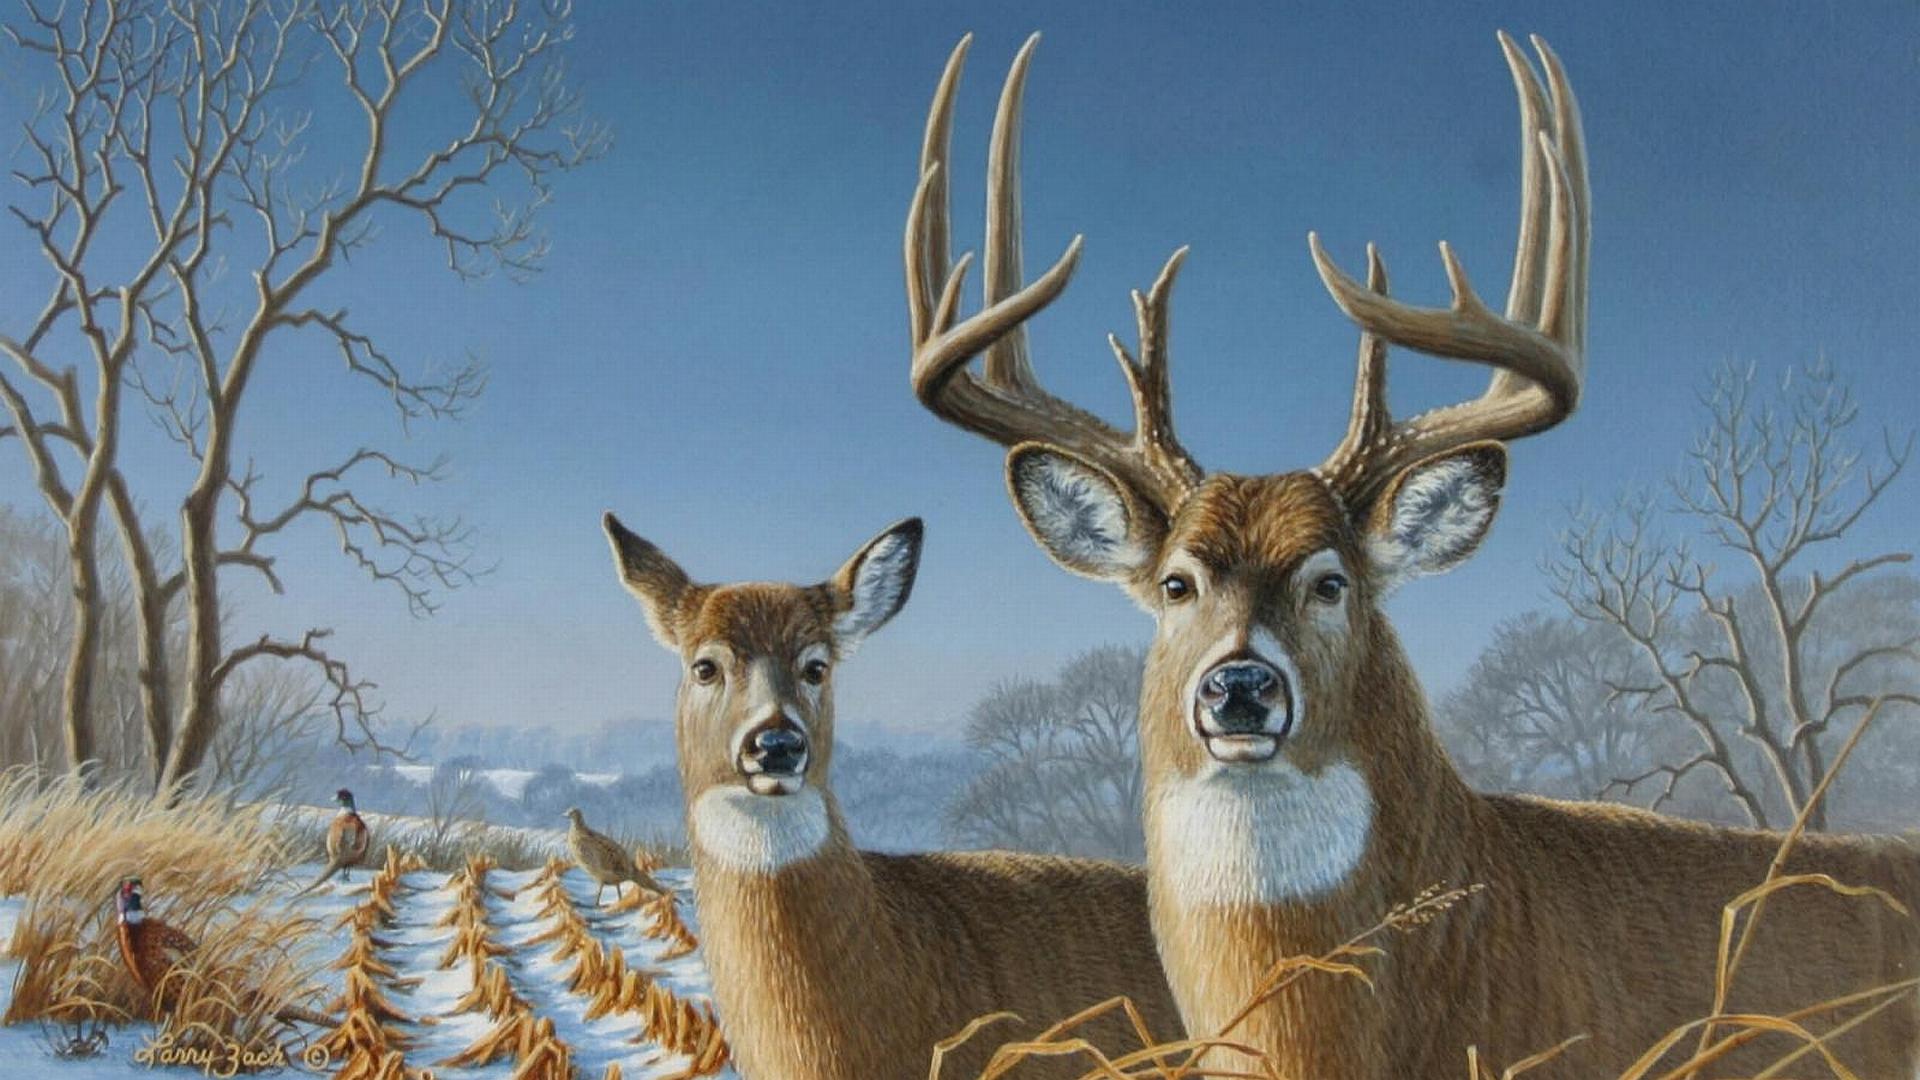 whitetail deer wallpaper border the